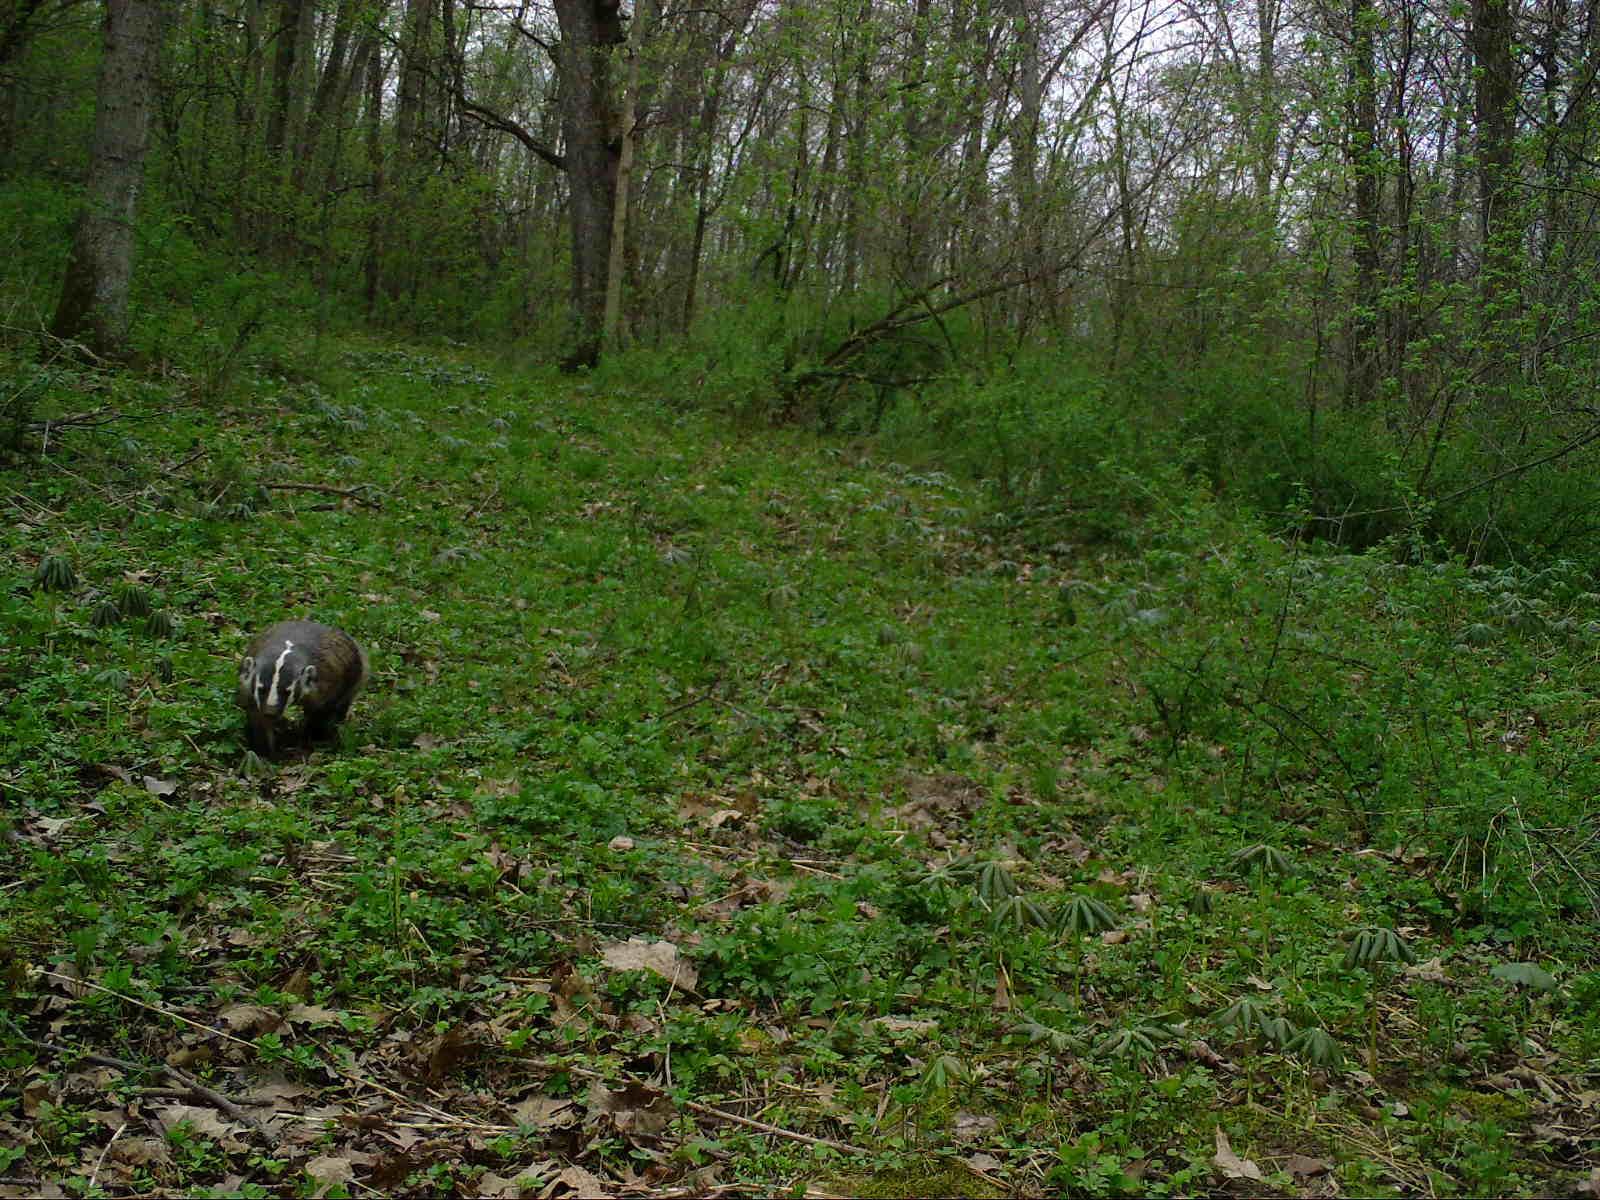 A badger walking across a green forest floor